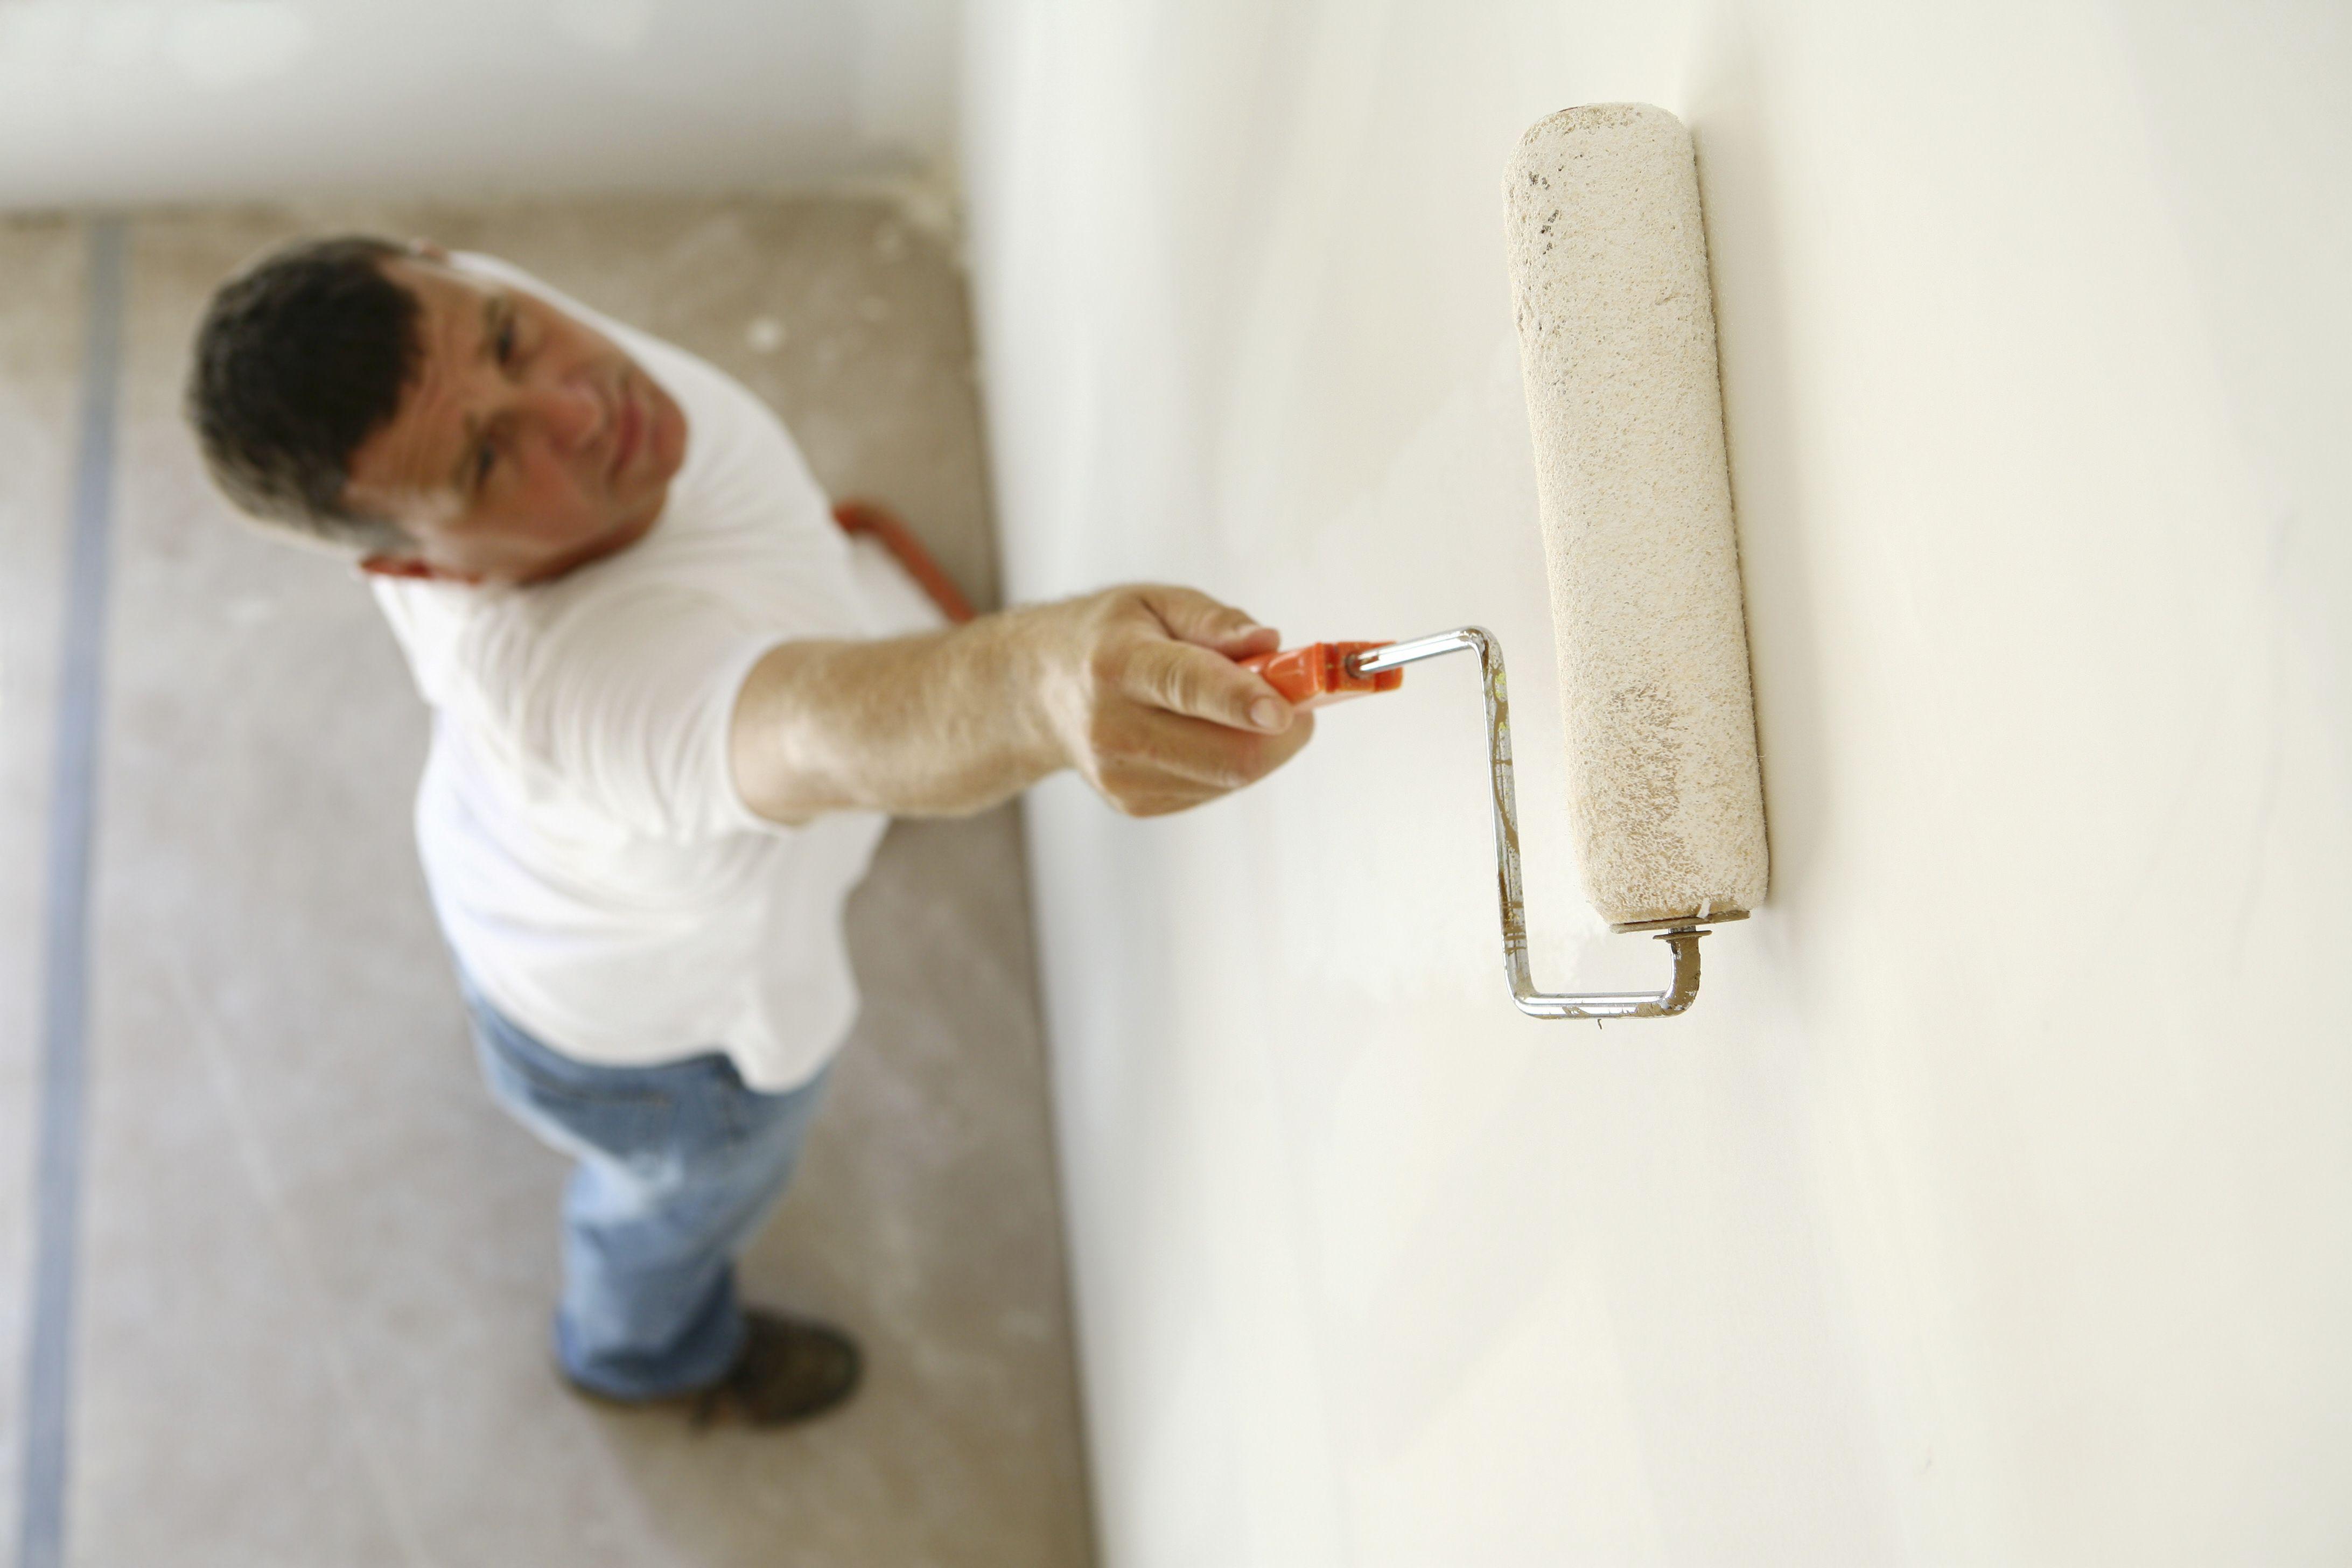 сколько должна сохнуть грунтовка на стенах